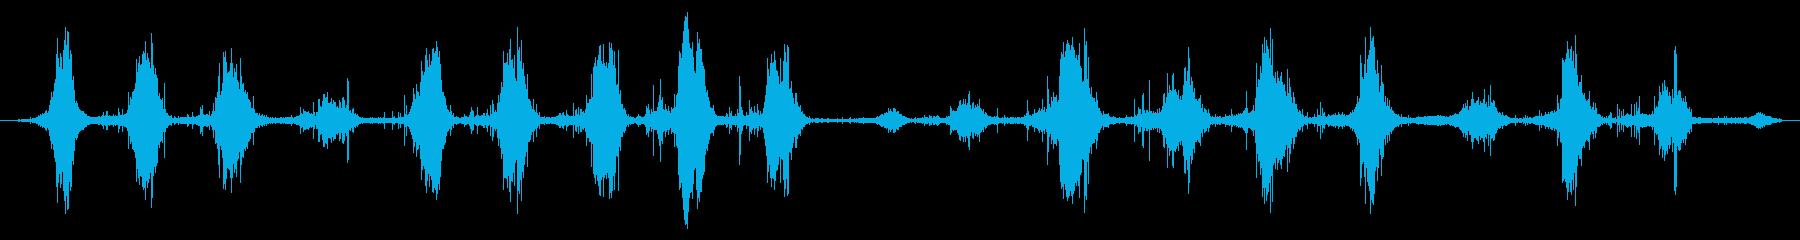 水中の海:浅い波の再生済みの波形